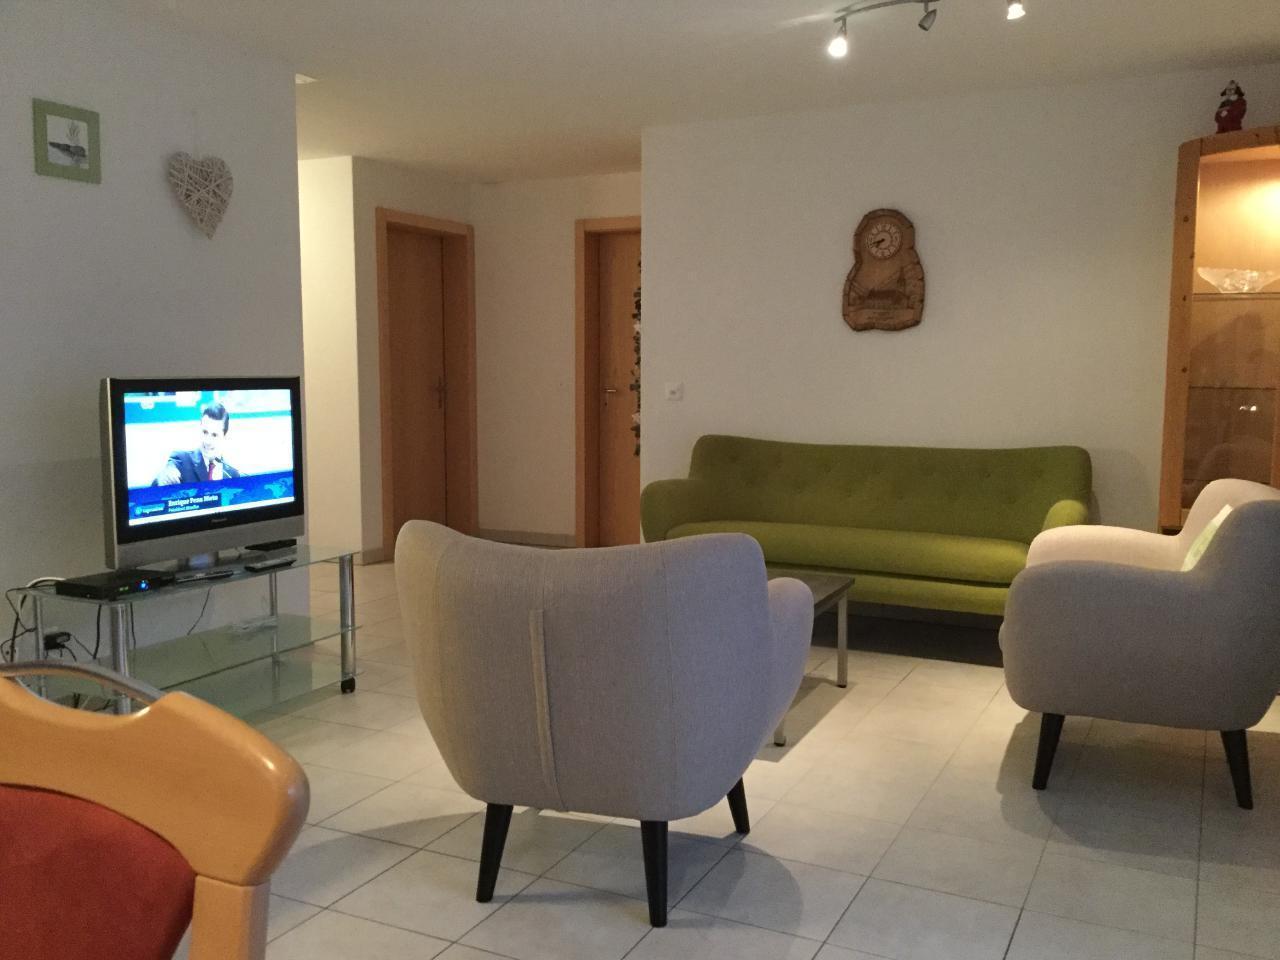 Ferienwohnung für 2 - 5 Personen mit zwei getrennten Schlafzimmern (692149), Saas Almagell, Saastal, Wallis, Schweiz, Bild 5